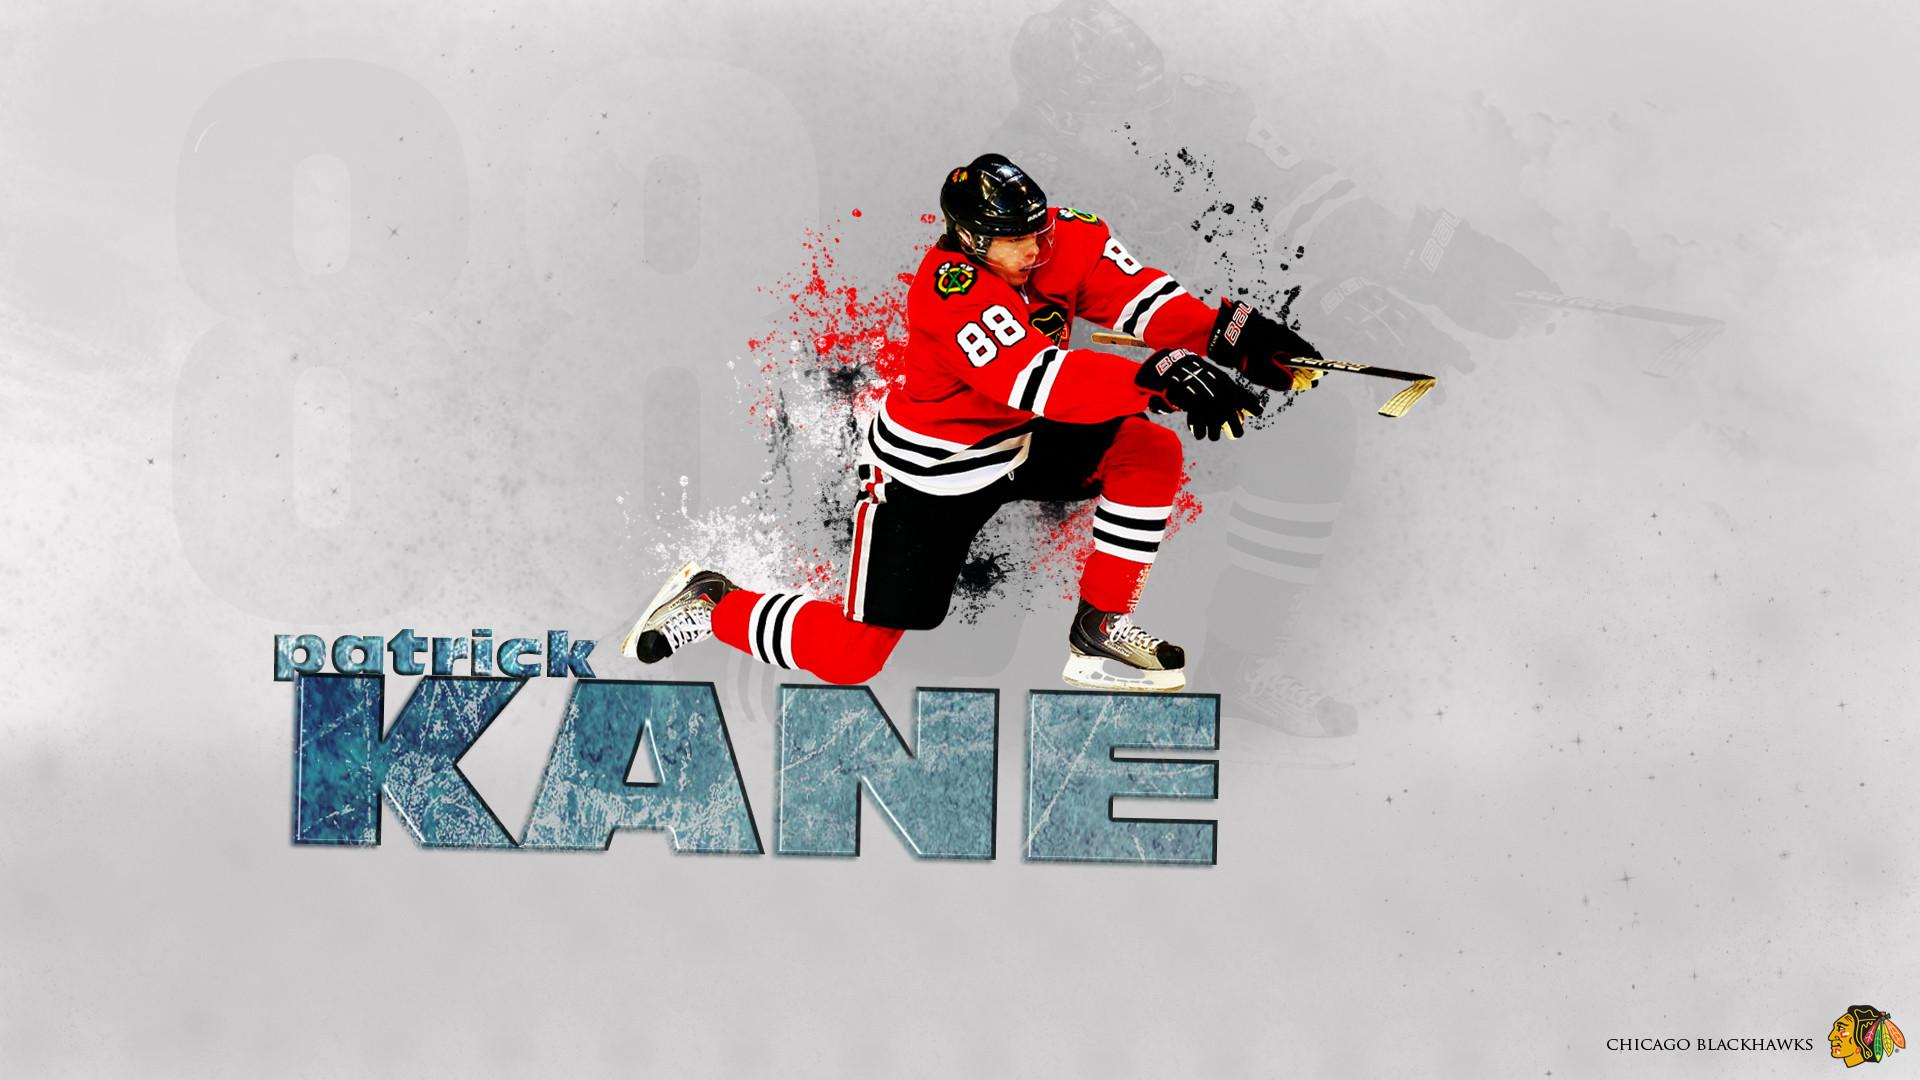 Popular Hockey player Patrick Kane